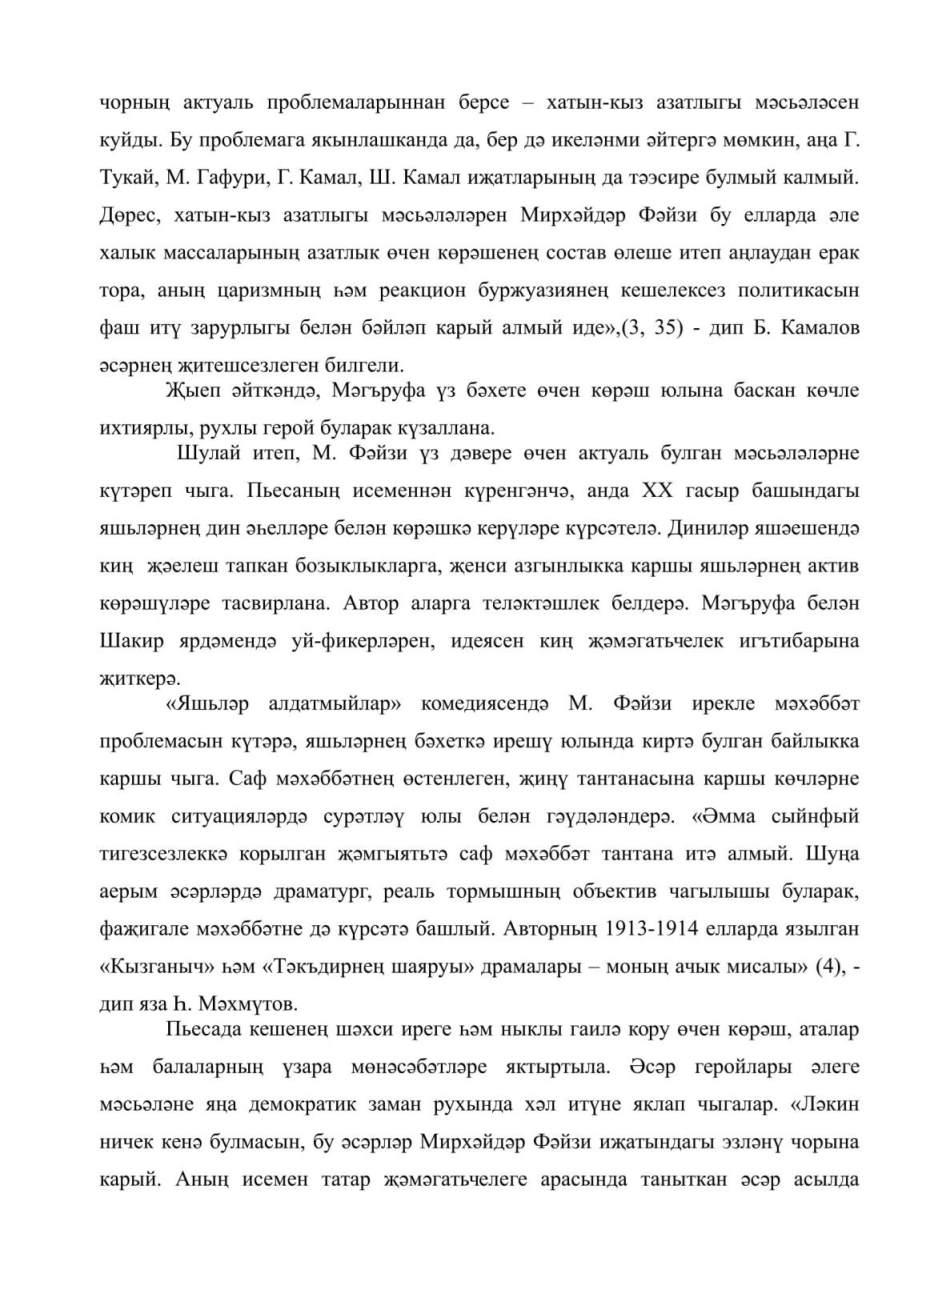 Вафина А.М.-5